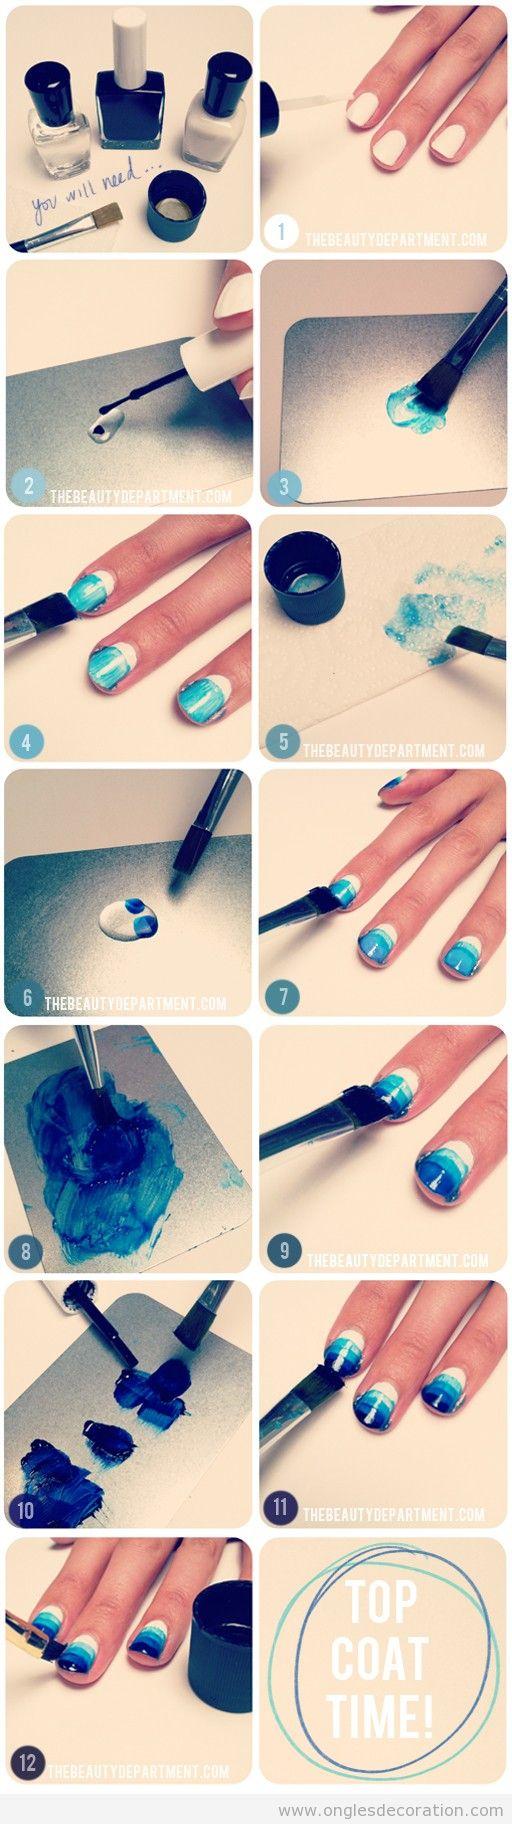 Tuto déco sur ongles, effet aquarelle en bleu